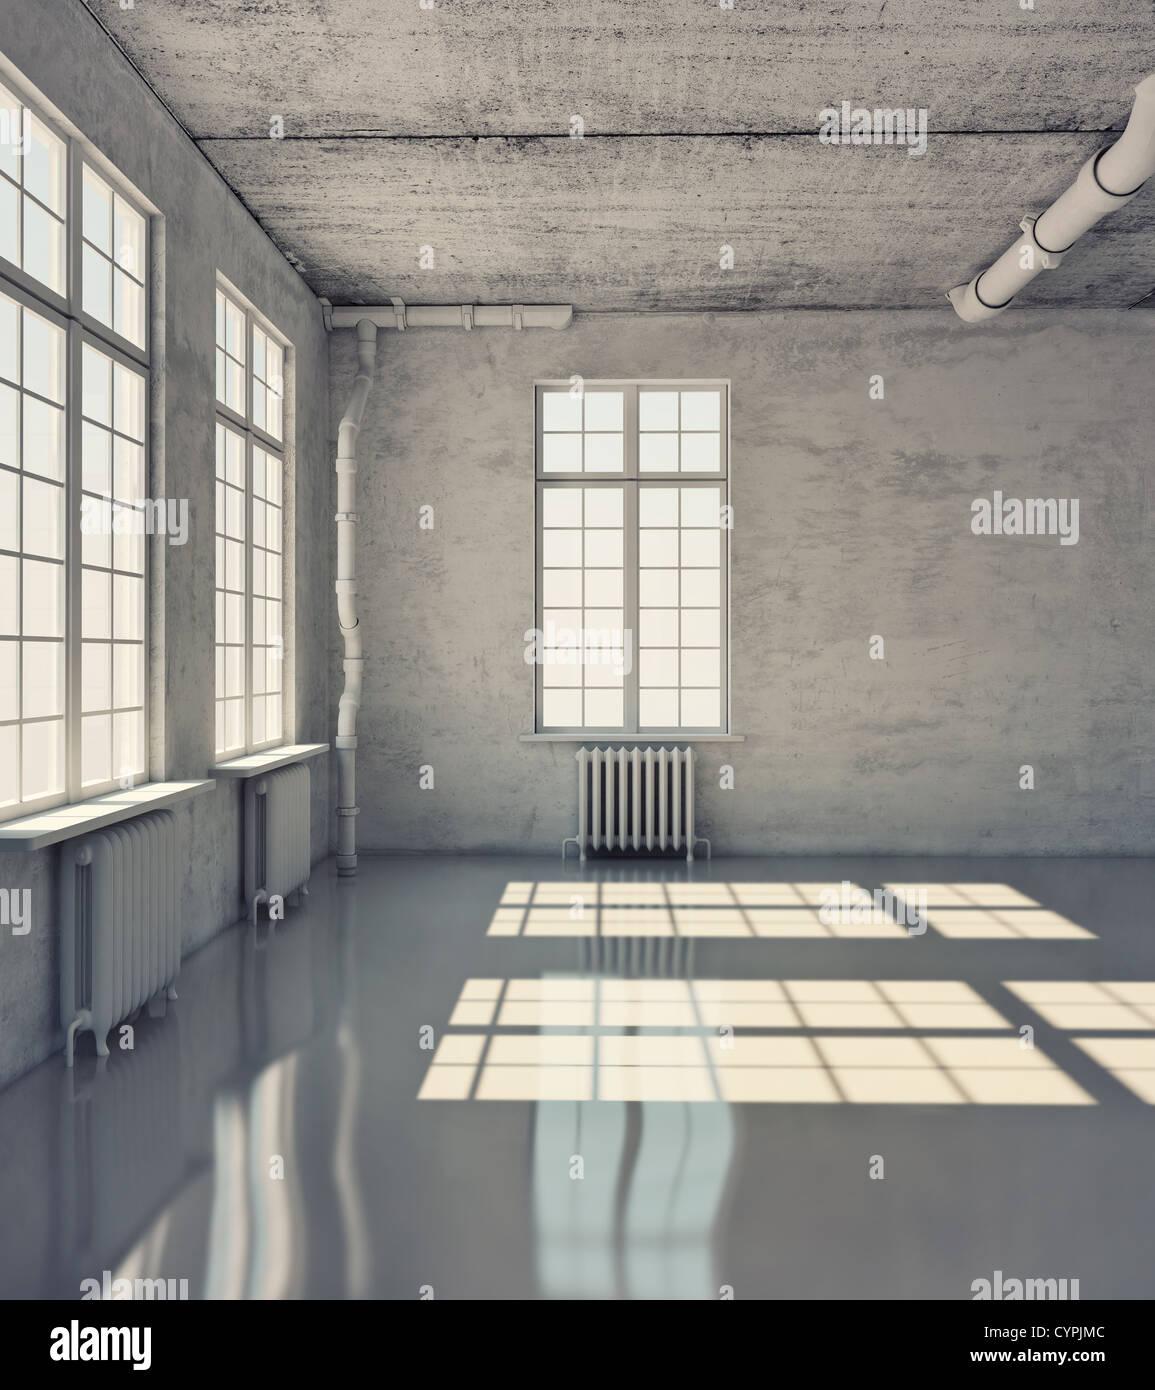 leeren Raum mit Fenstern (Loft-Konzept) Stockfoto